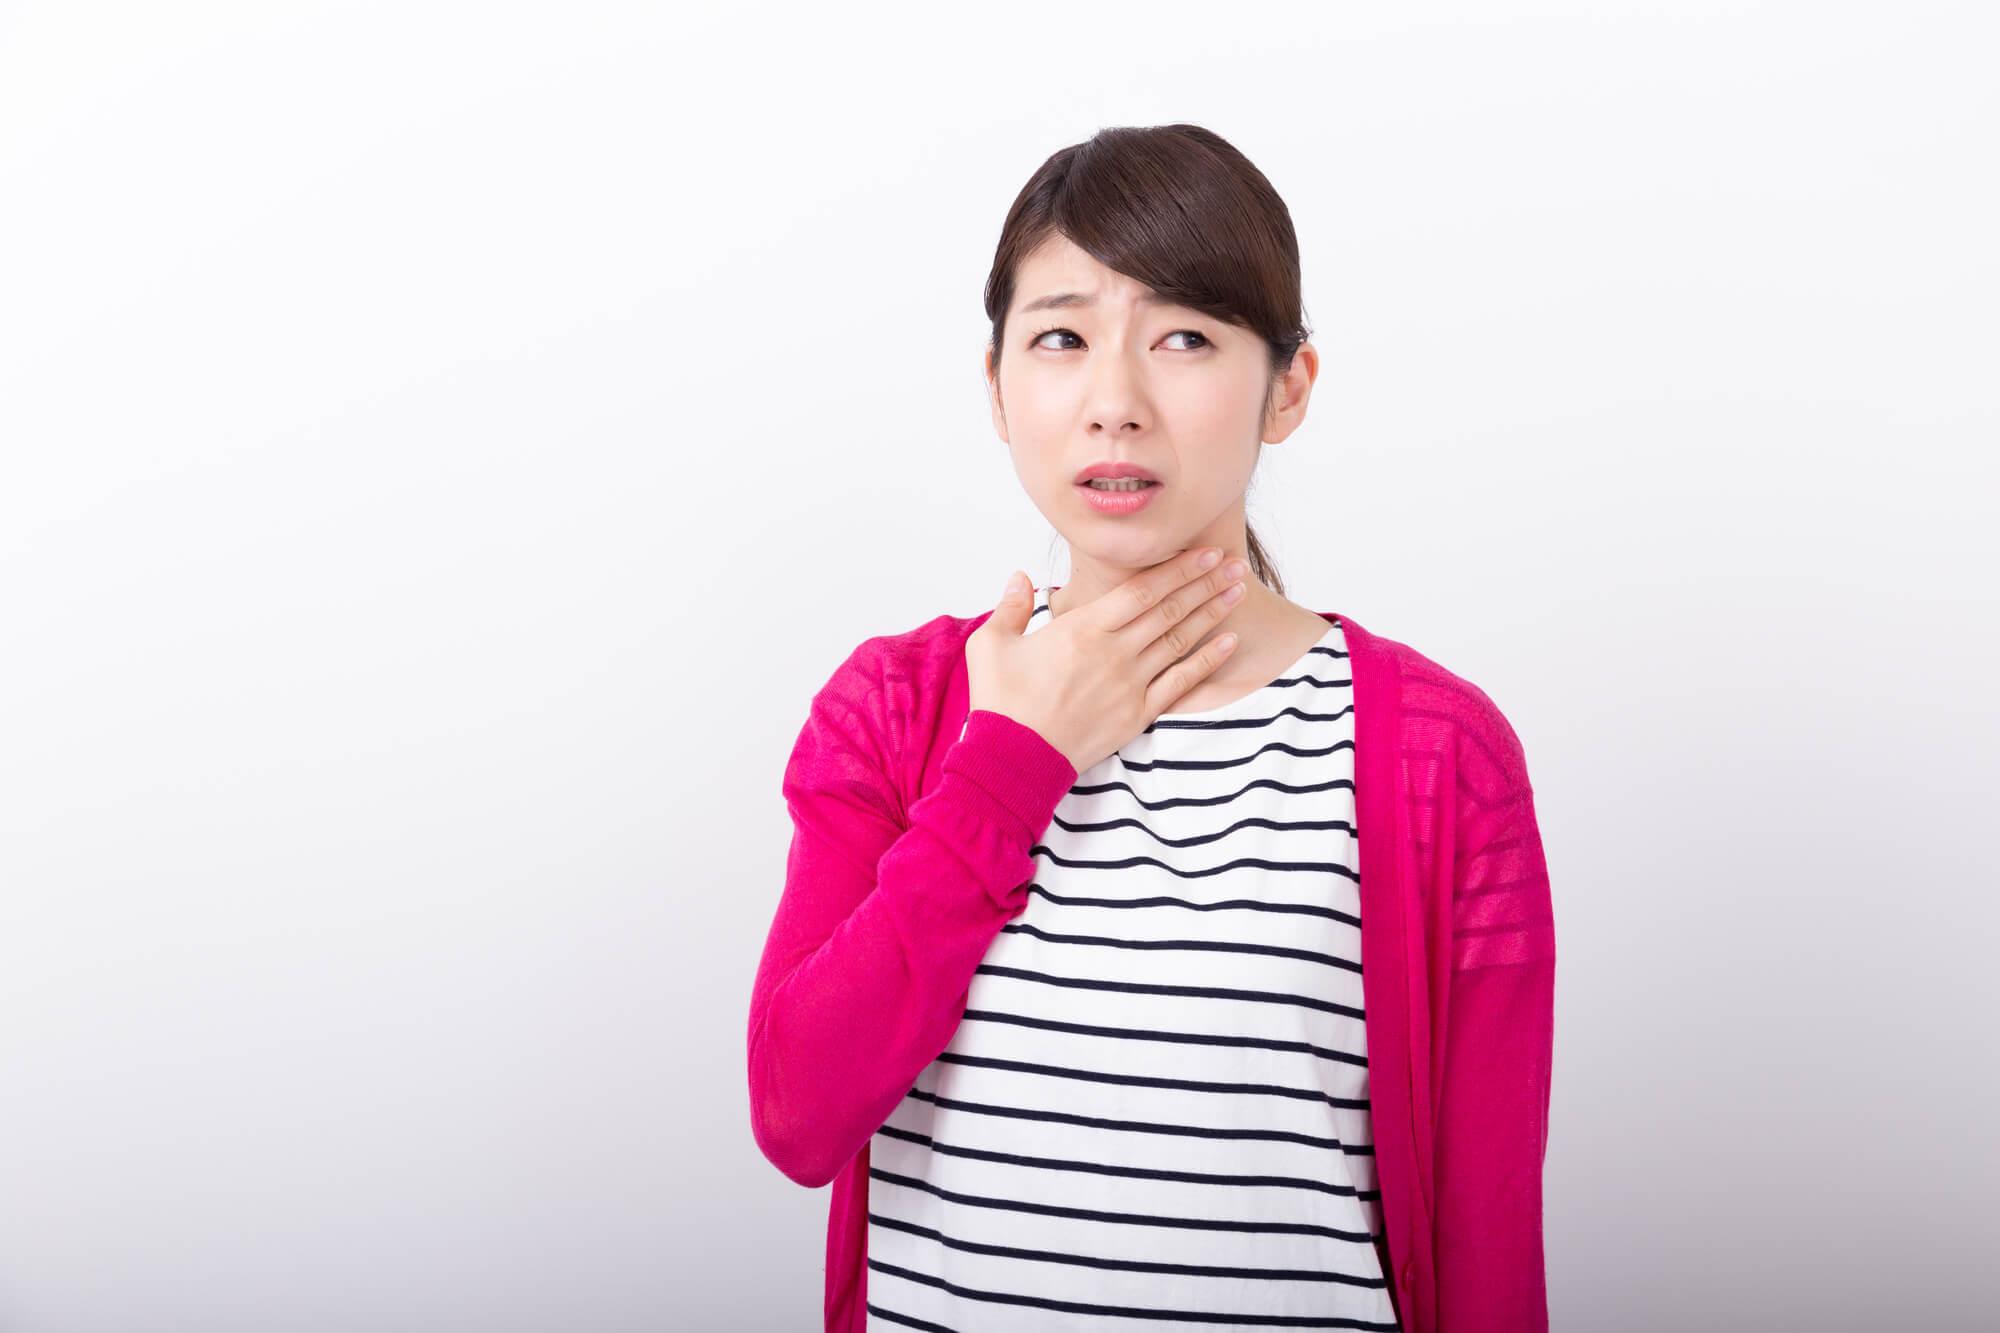 喉がなる女性